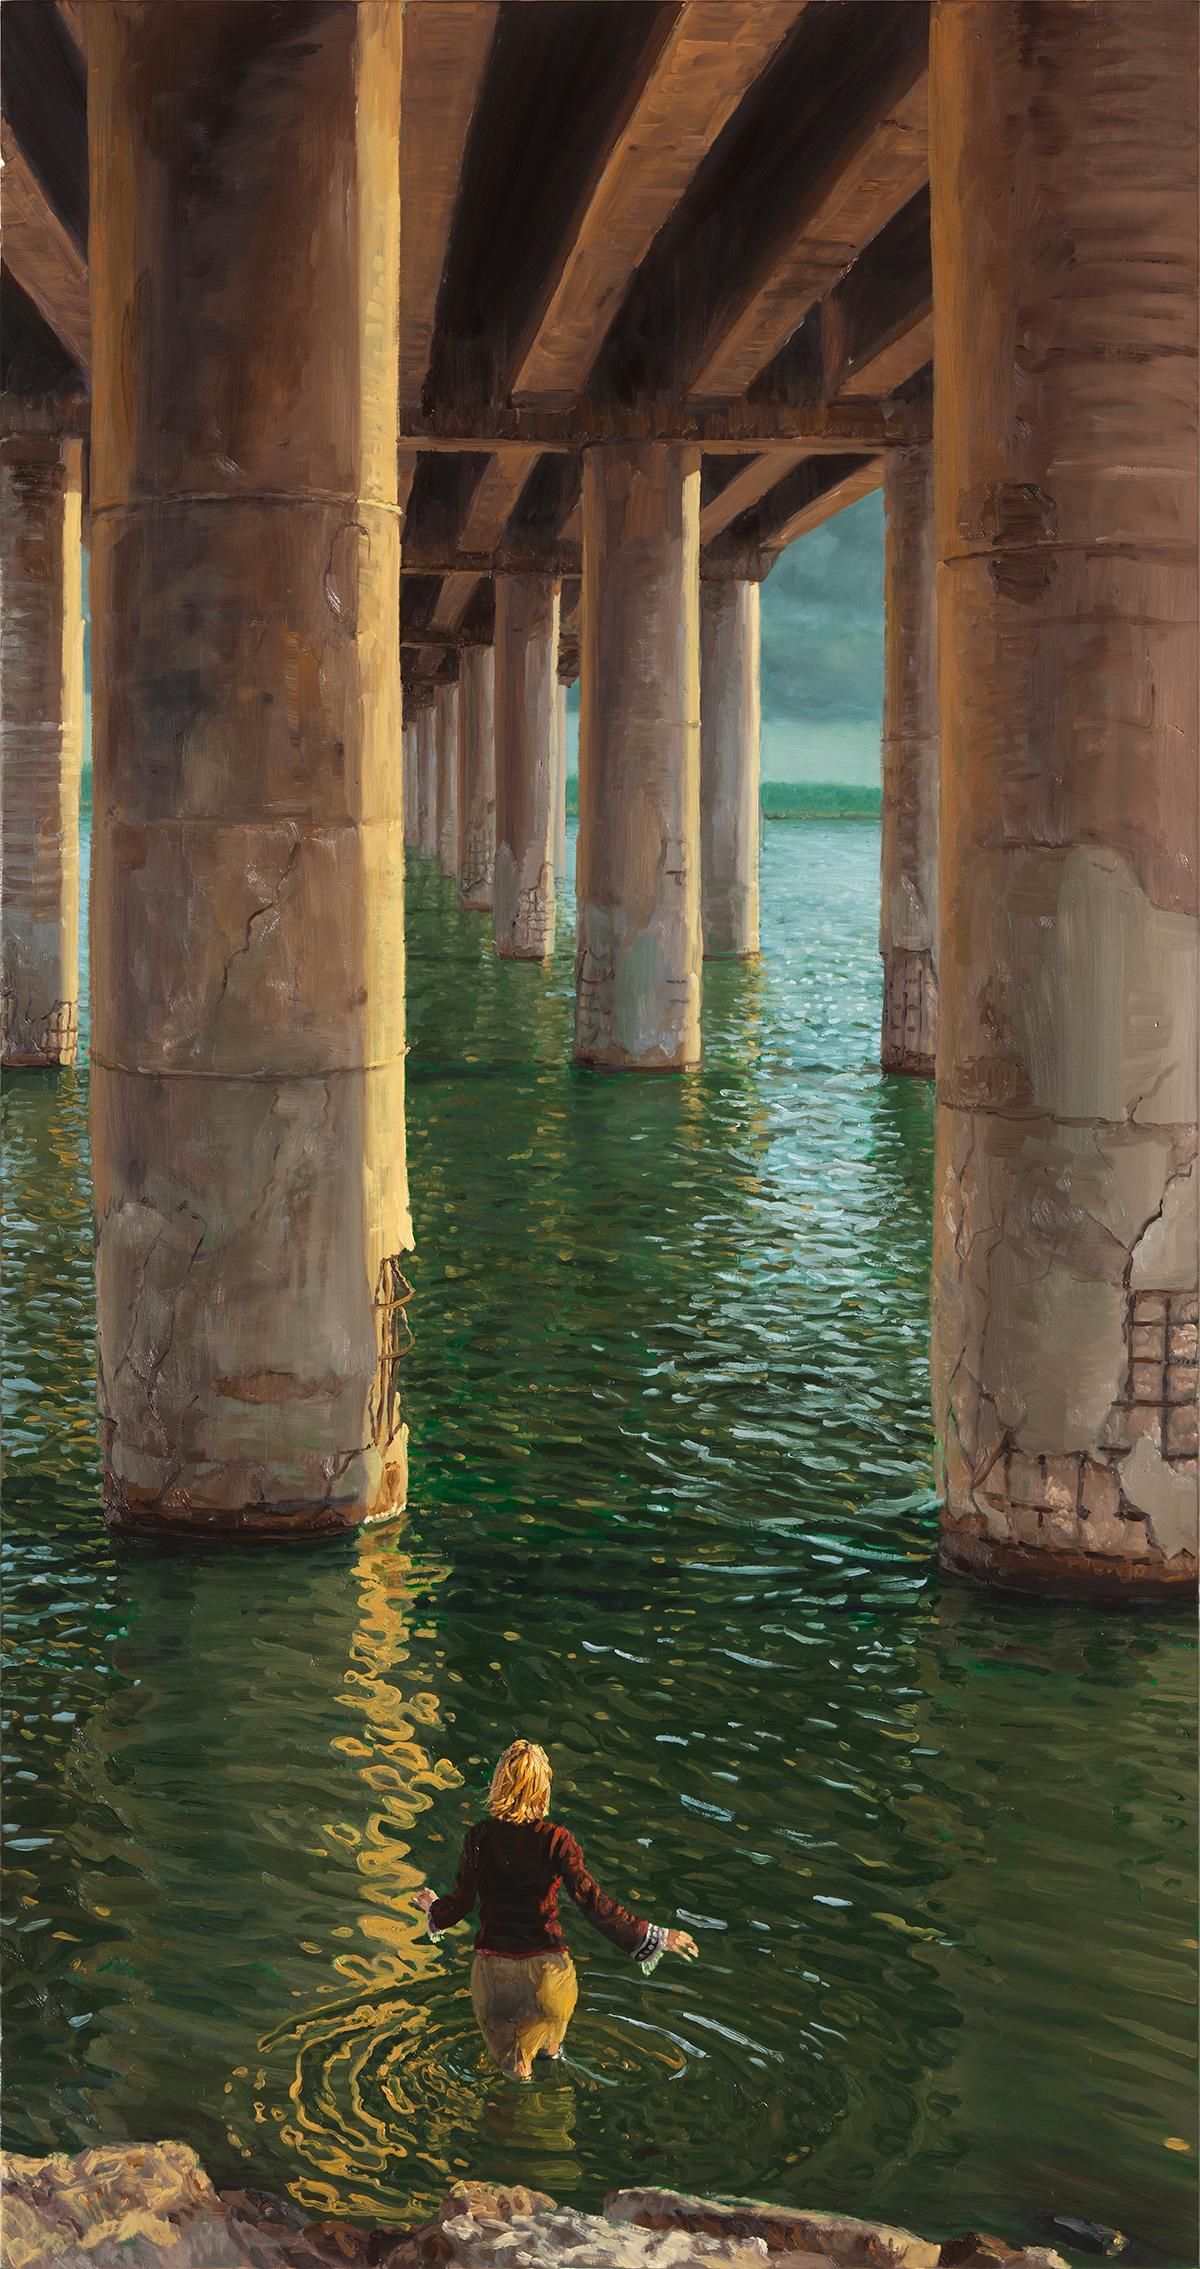 The Passage, 2011, oil on linen, 170 X 90 cm